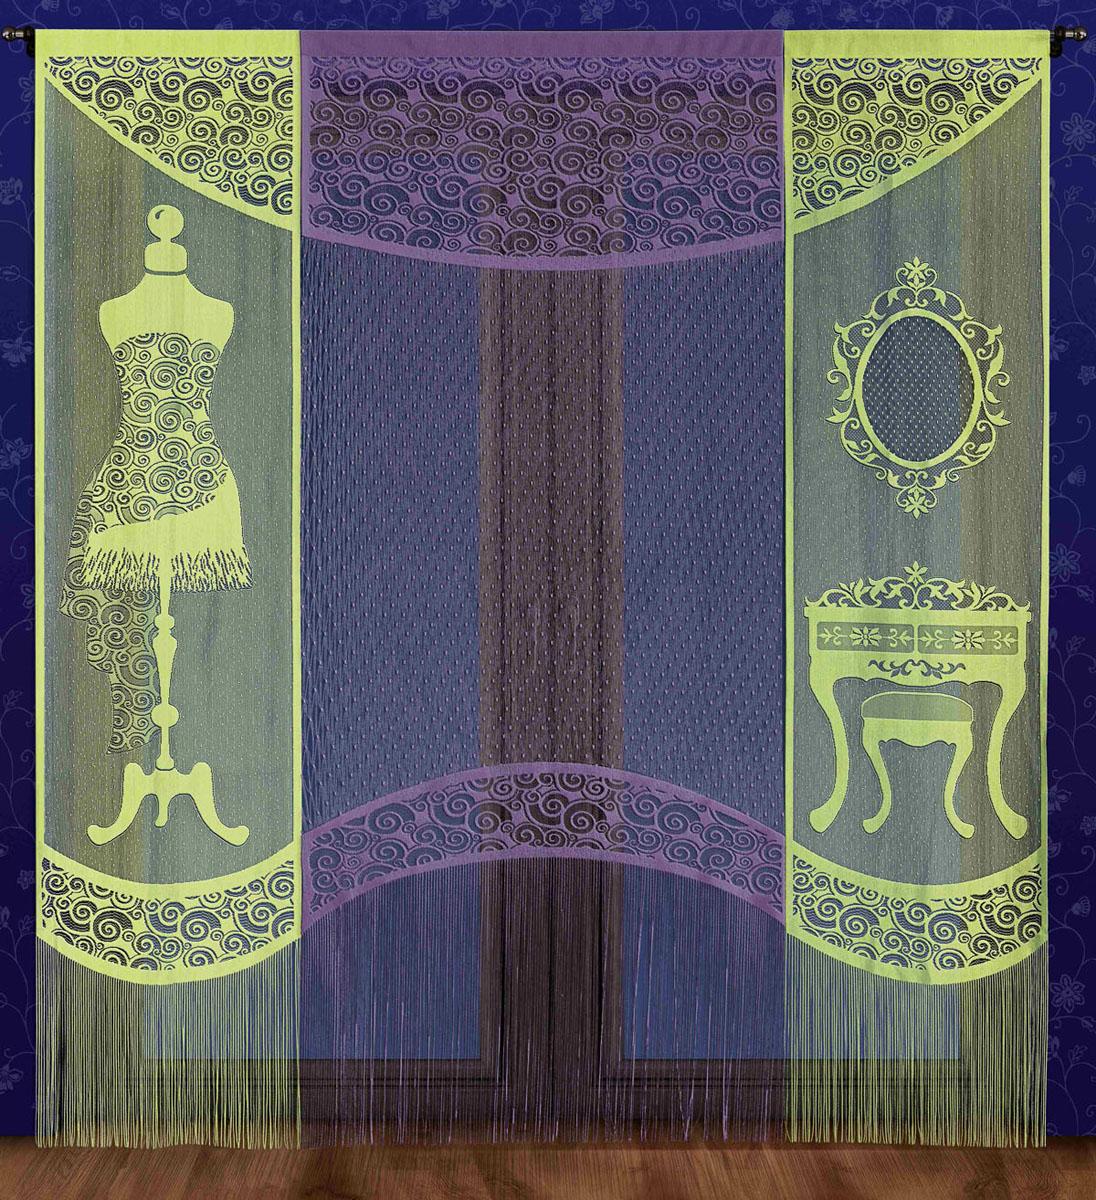 Комплект гардин-панно Garderoba, на кулиске, цвет: салатовый, фиолетовый, высота 250 см725977Комплект гардин-панно Garderoba, изготовленный из полиэстера, станет великолепным украшением любого окна. В комплект входят две салатовые гардины с изображением предметов интерьера гардеробной и одна фиолетовая гардина. Тонкое плетение, оригинальный дизайн и приятная цветовая гамма привлекут к себе внимание и органично впишутся в интерьер. Все элементы комплекта оснащены кулиской для крепления на круглый карниз. Характеристики:Материал: 100% полиэстер. Размер упаковки:27 см х 34 см х 6 см. Артикул: 725977.В комплект входит:Гардина-панно - 2 шт. Размер (Ш х В): 60 см х 250 см.Гардина-панно - 1 шт. Размер (Ш х В): 100 см х 250 см. Фирма Wisan на польском рынке существует уже более пятидесяти лет и является одной из лучших польских фабрик по производству штор и тканей. Ассортимент фирмы представлен готовыми комплектами штор для гостиной, детской, кухни, а также текстилем для кухни (скатерти, салфетки, дорожки, кухонные занавески). Модельный ряд отличает оригинальный дизайн, высокое качество. Ассортимент продукции постоянно пополняется.